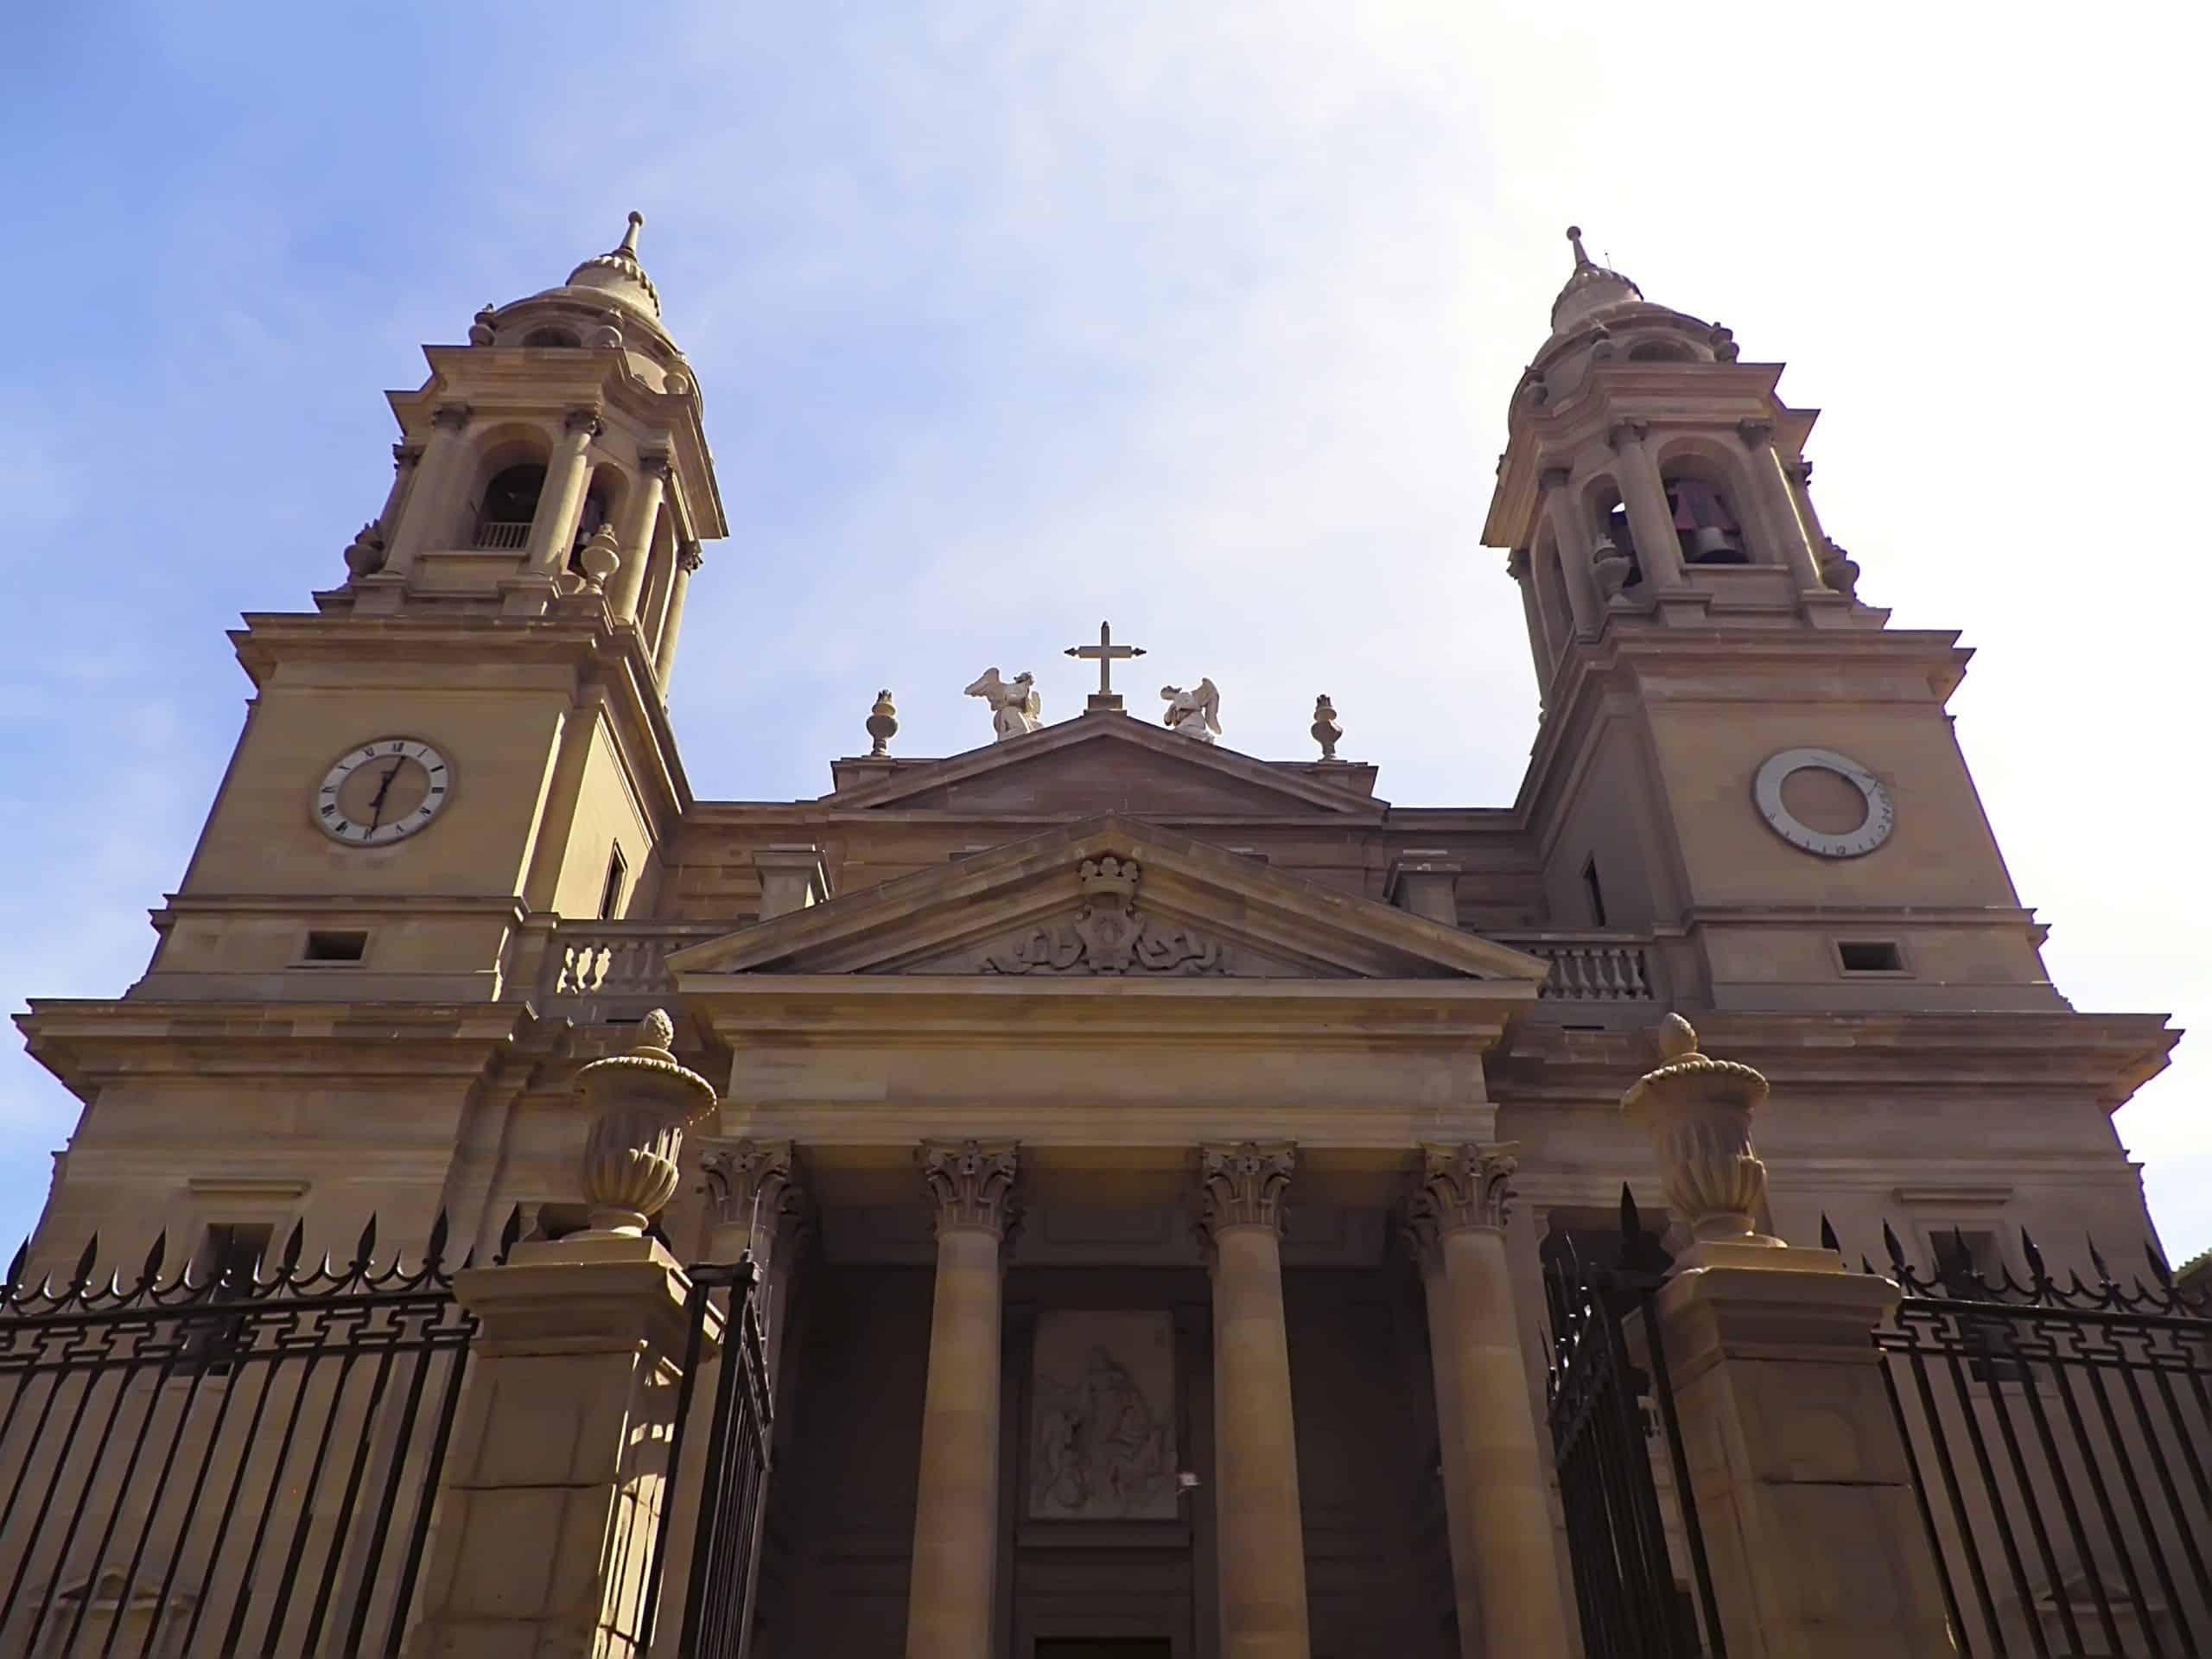 Catedral di Santa Maria, Pamplona, Spain